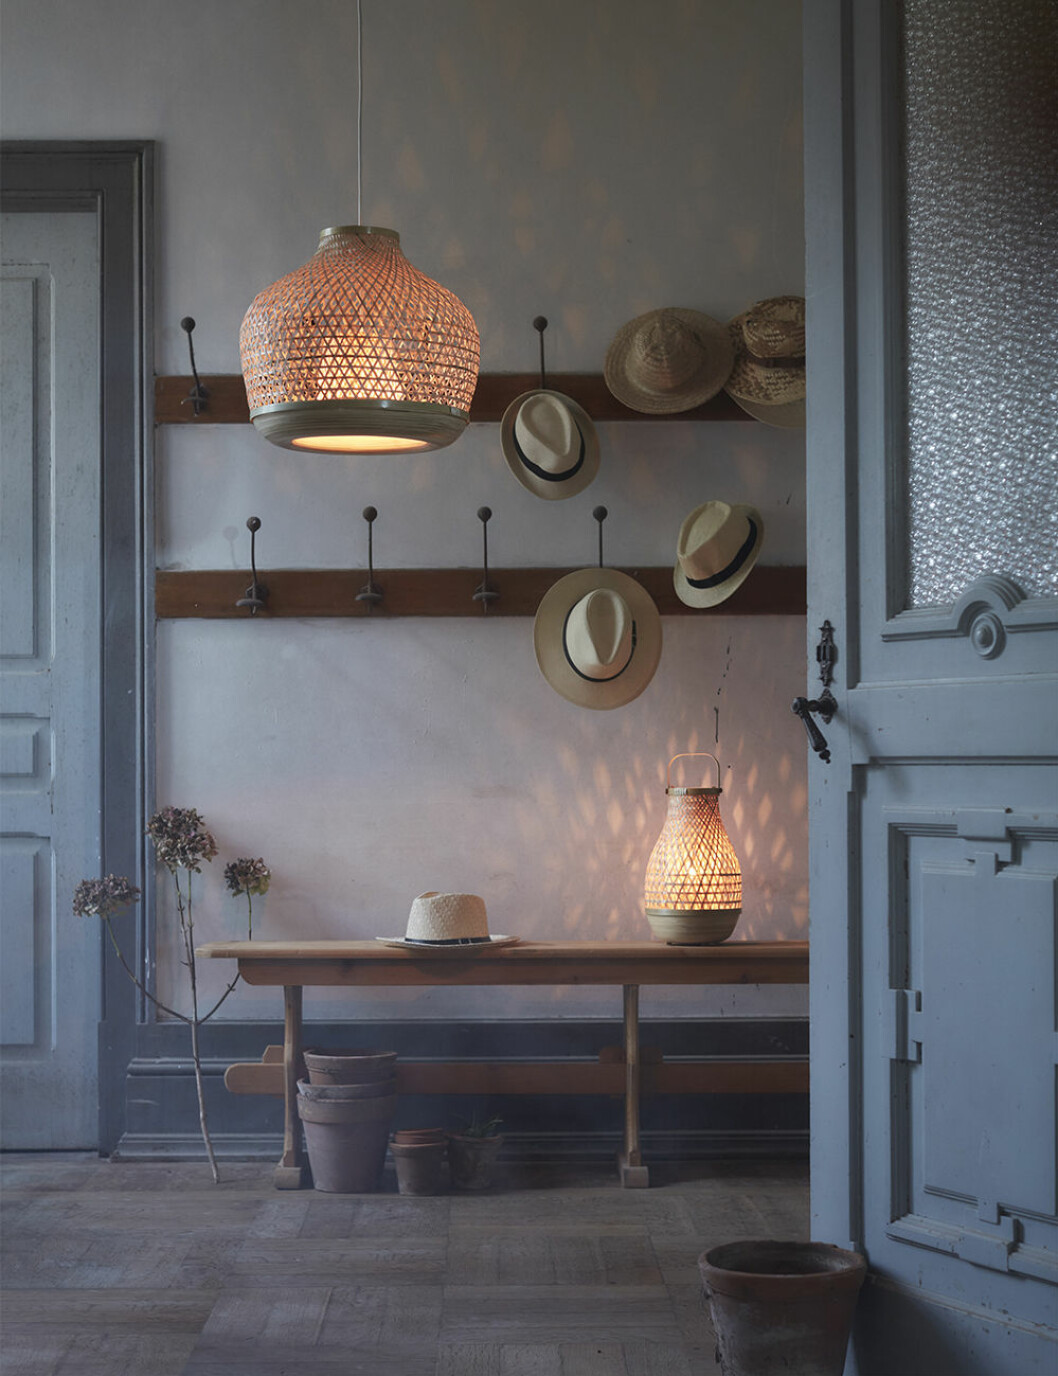 Misterhult lampor designade av Emma Olbers för Ikea 2020